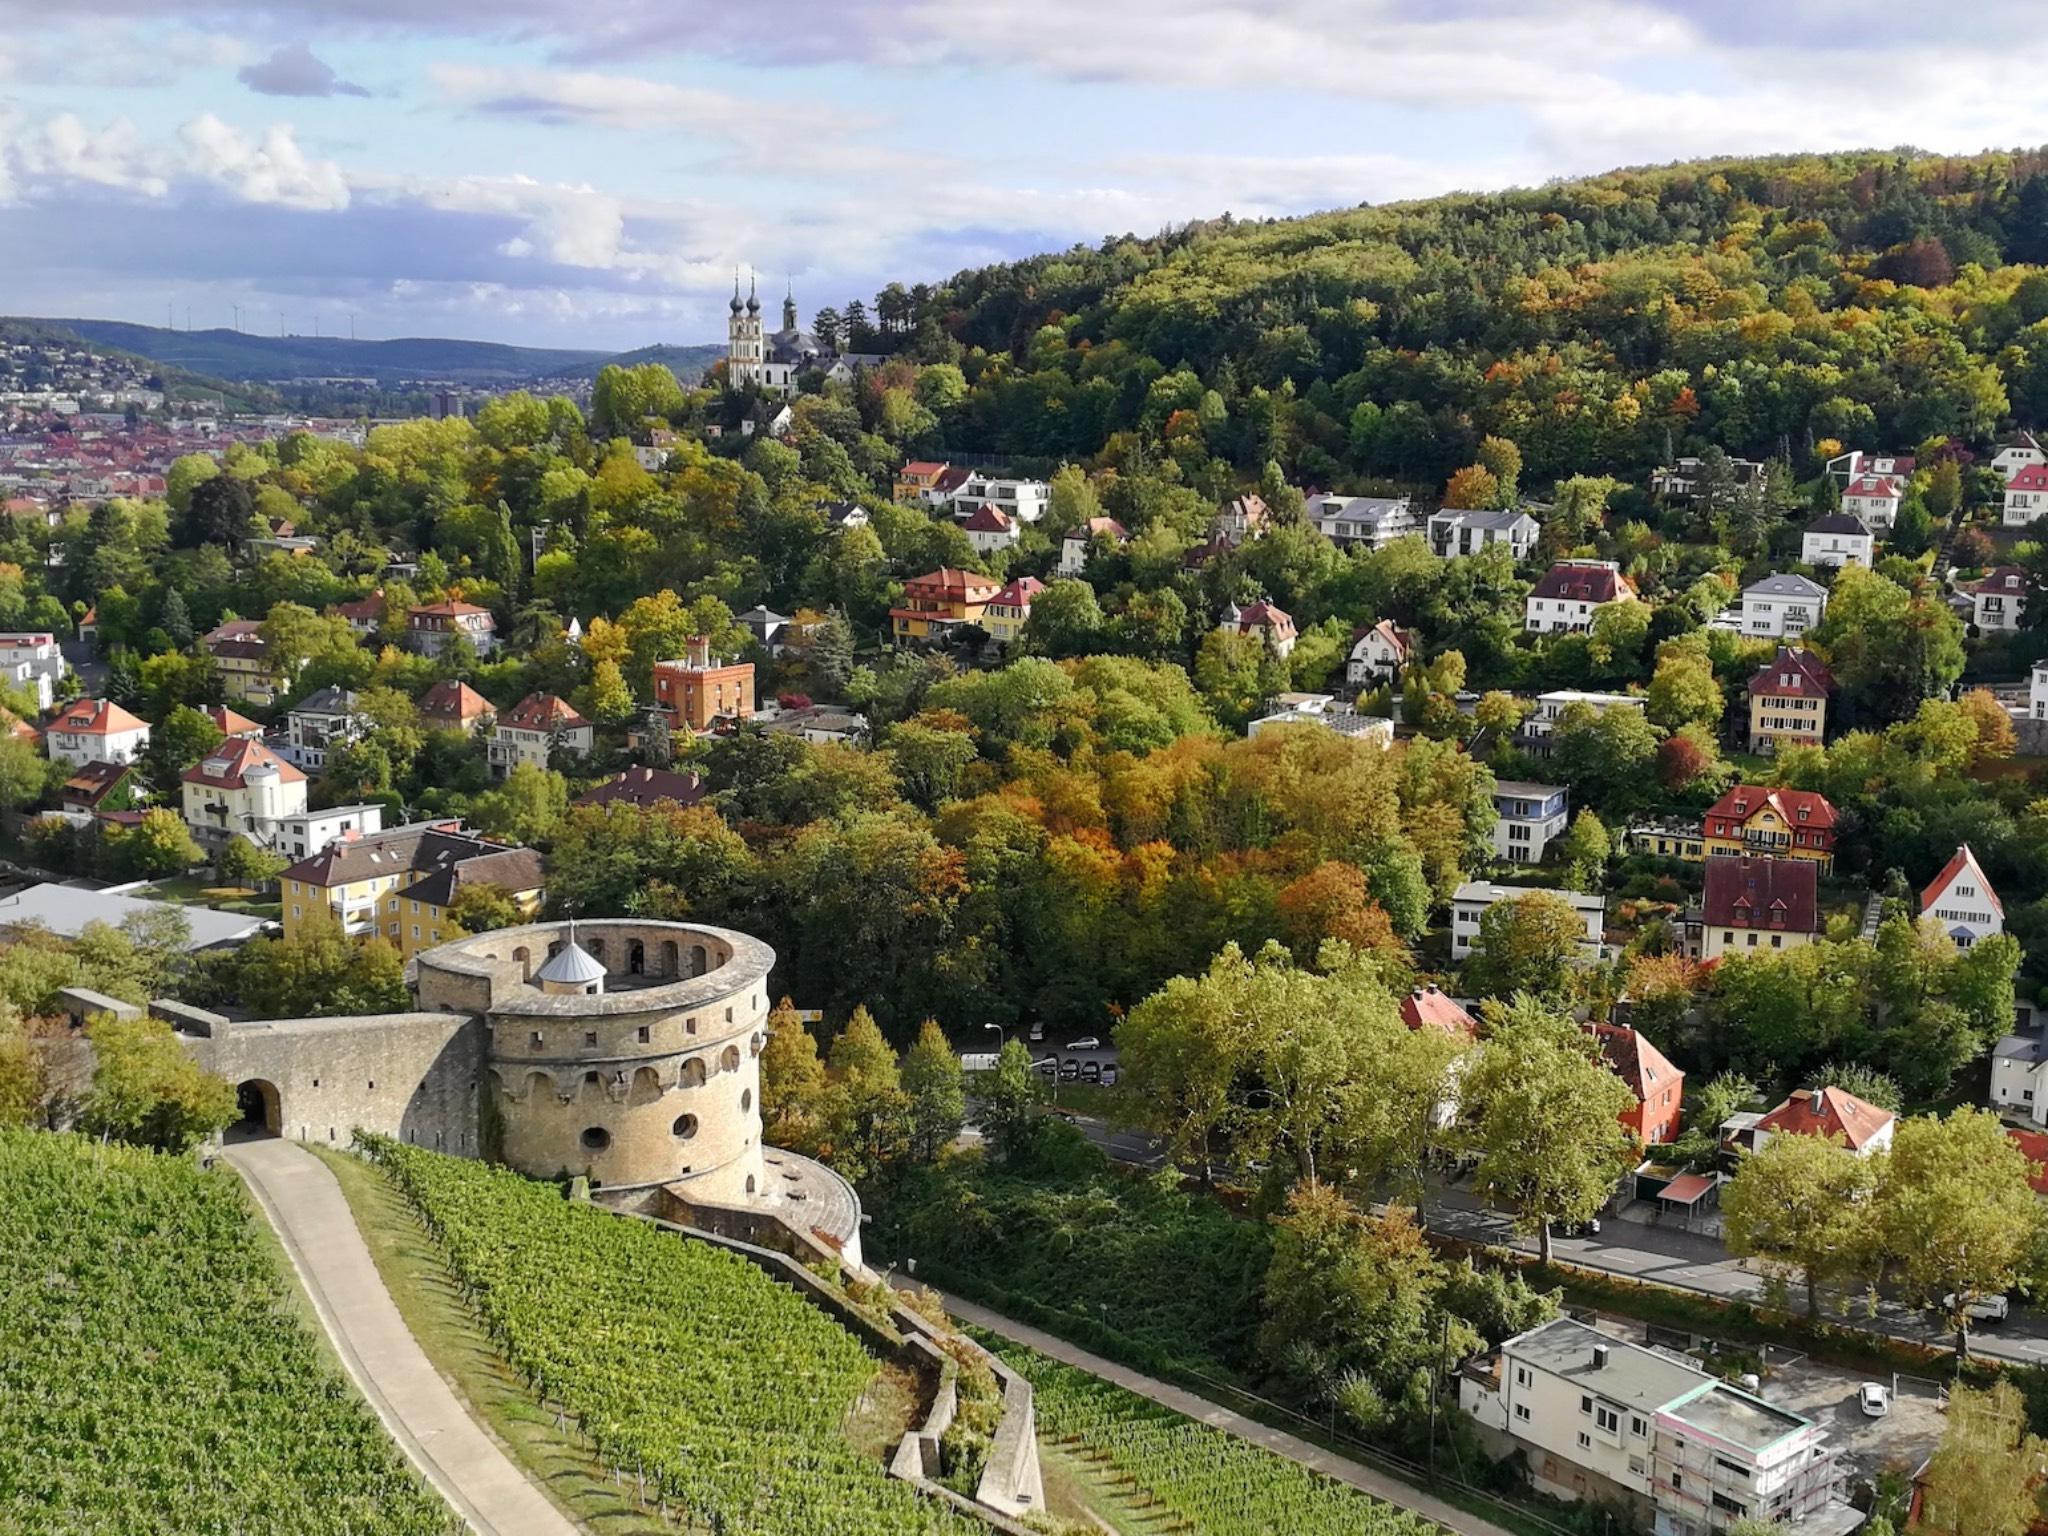 Maschikuliturm und Käppele. Foto: Würzburg erleben